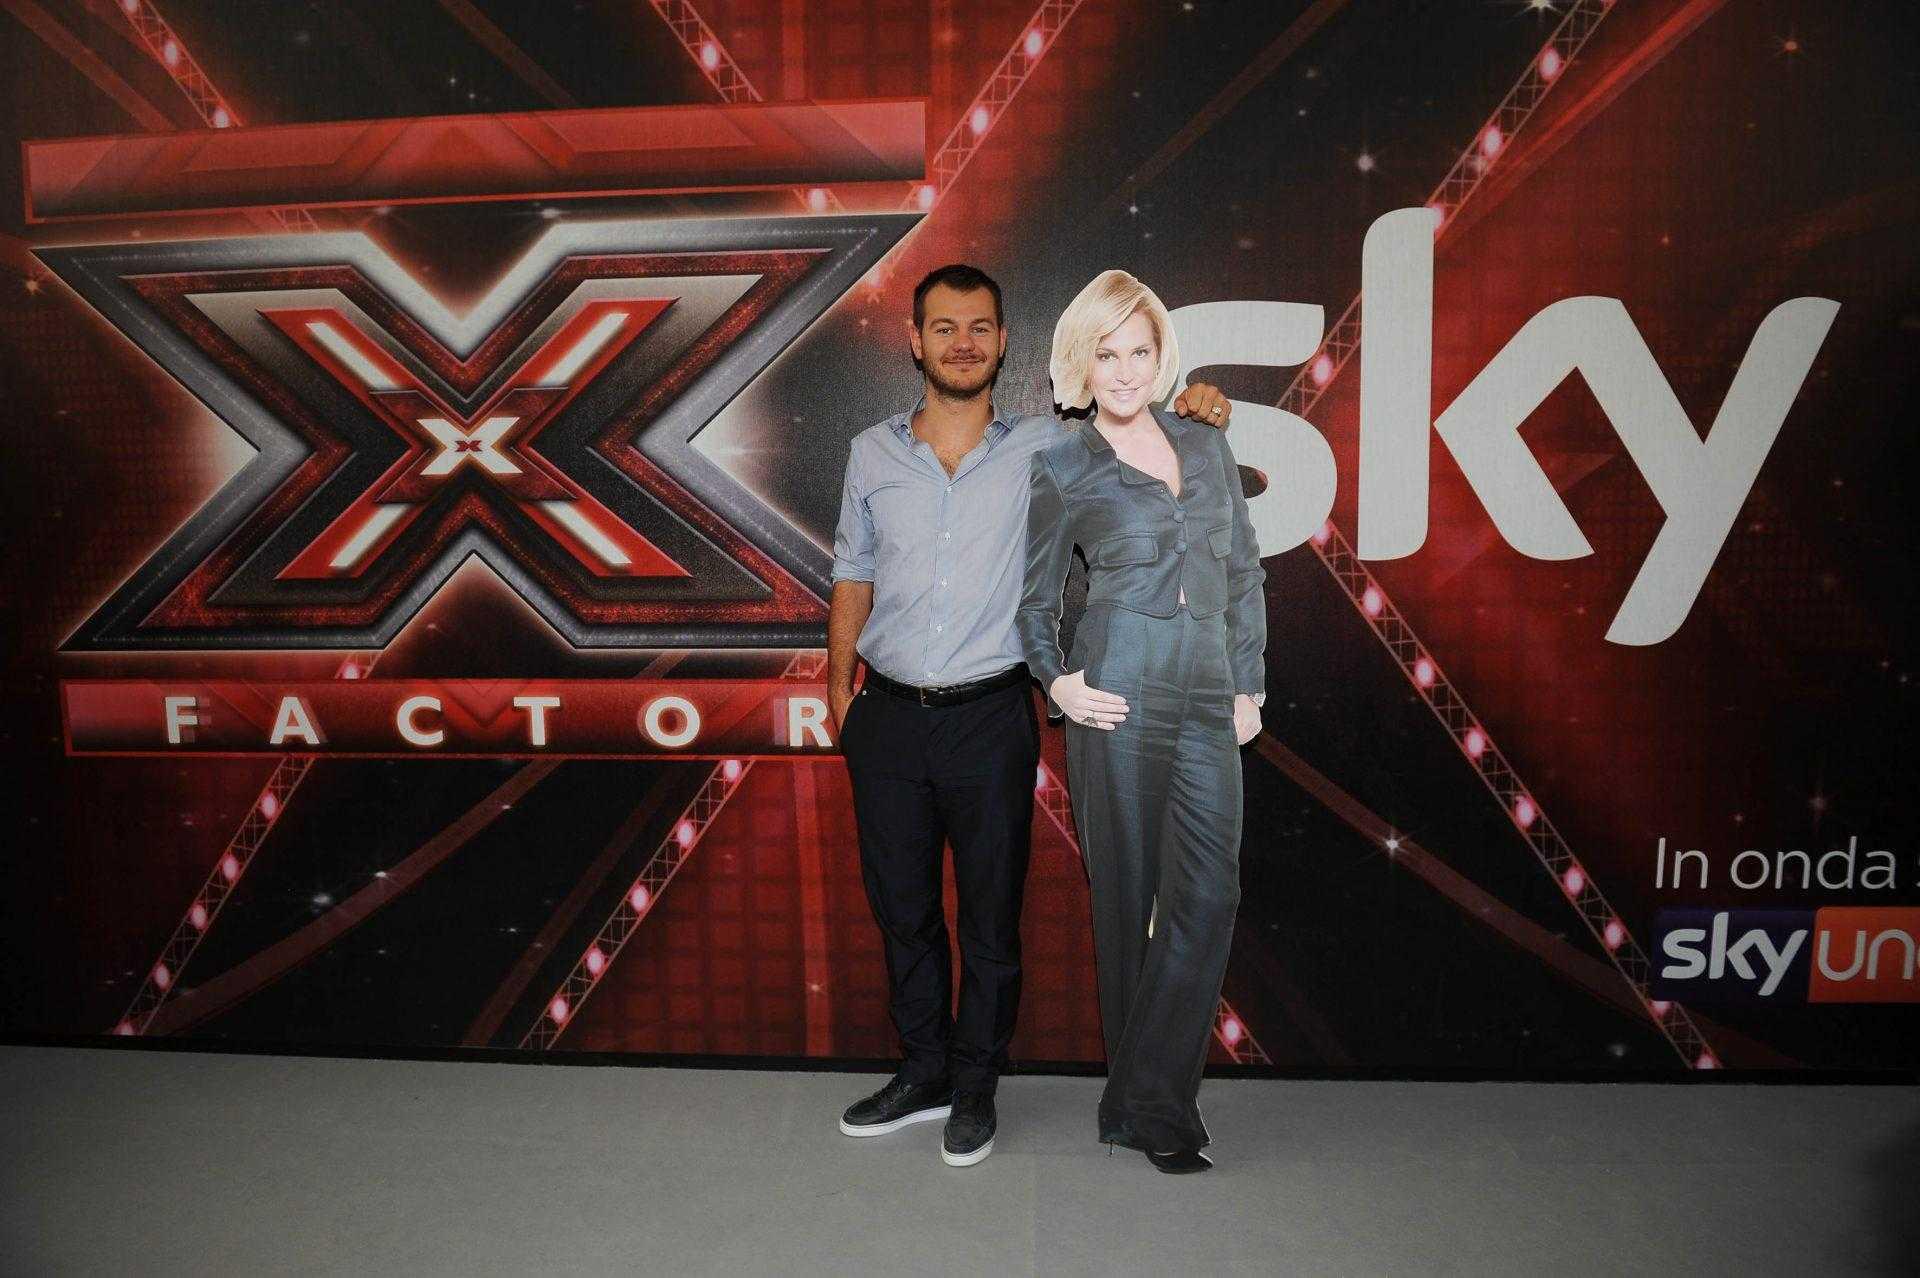 X Factor: a Milano le prime selezioni del talent show di Sky | Digitale terrestre: Dtti.it